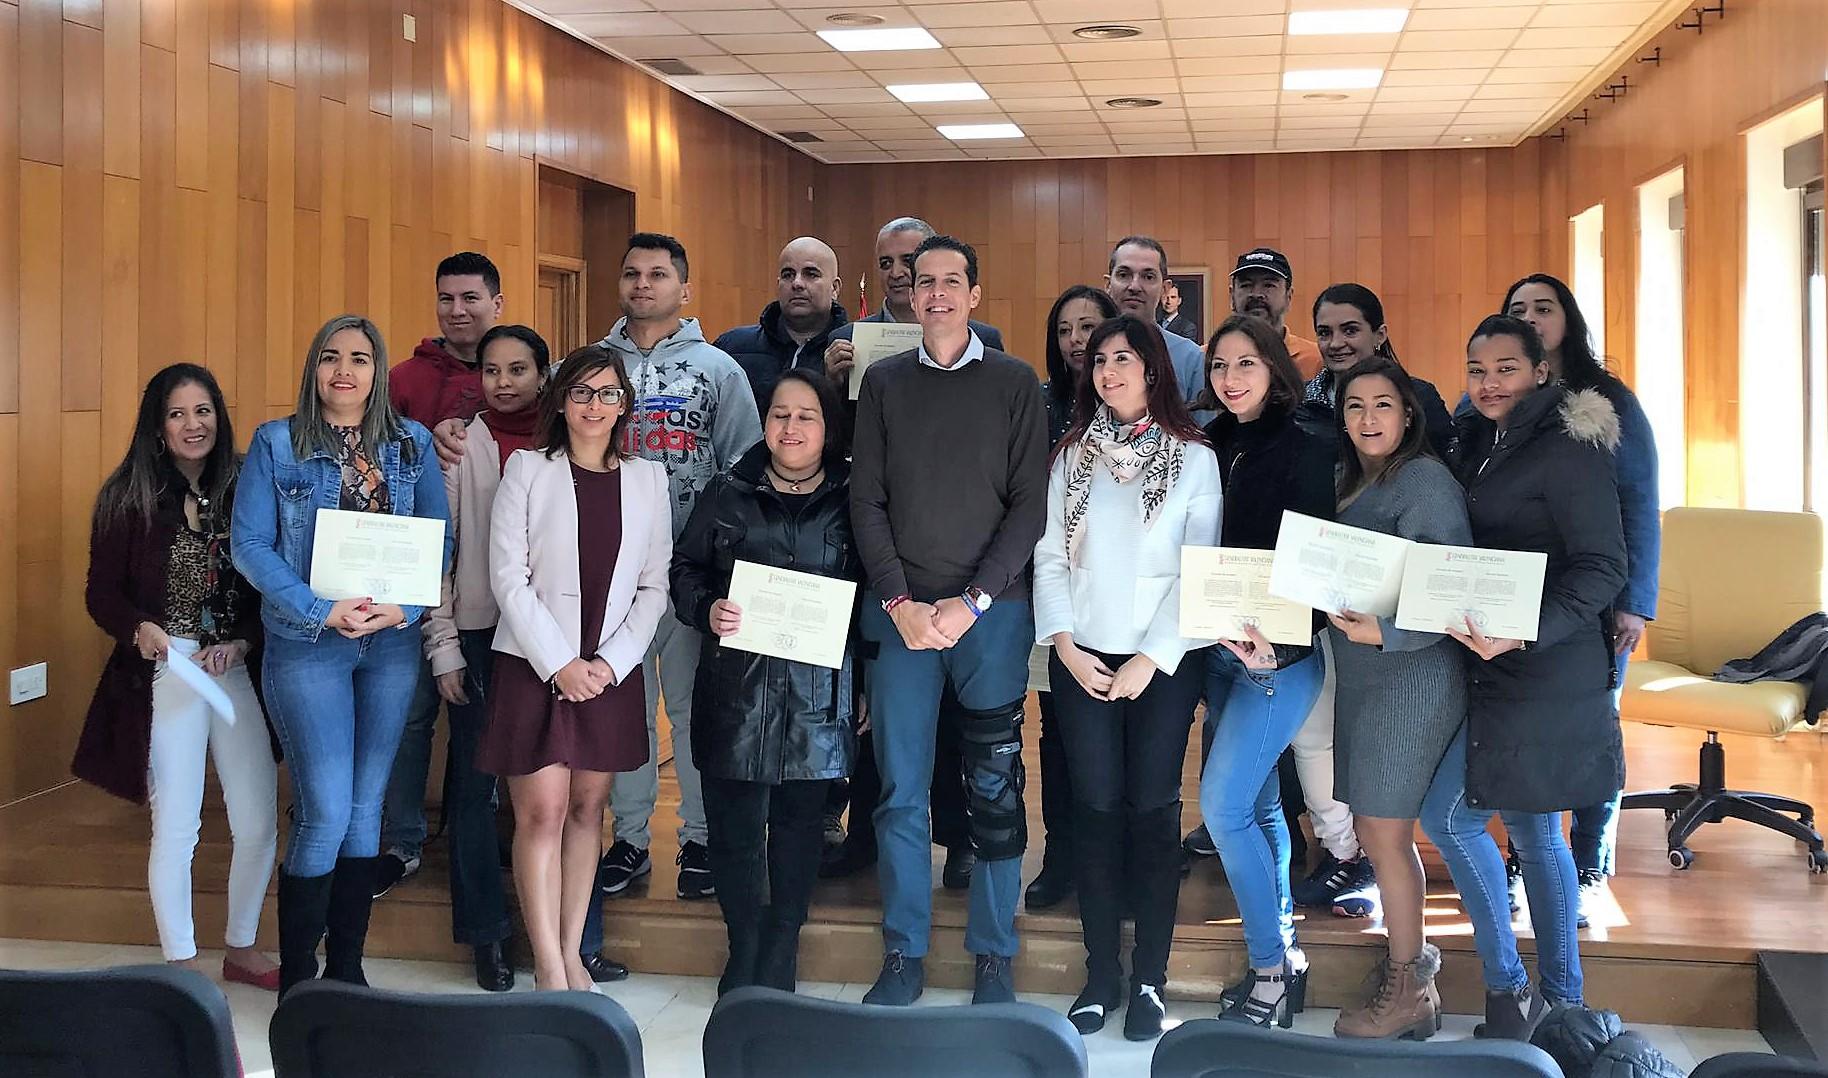 El Ayuntamiento de Elda entrega los certificados de la VIII Edición de la Escuela de Acogida